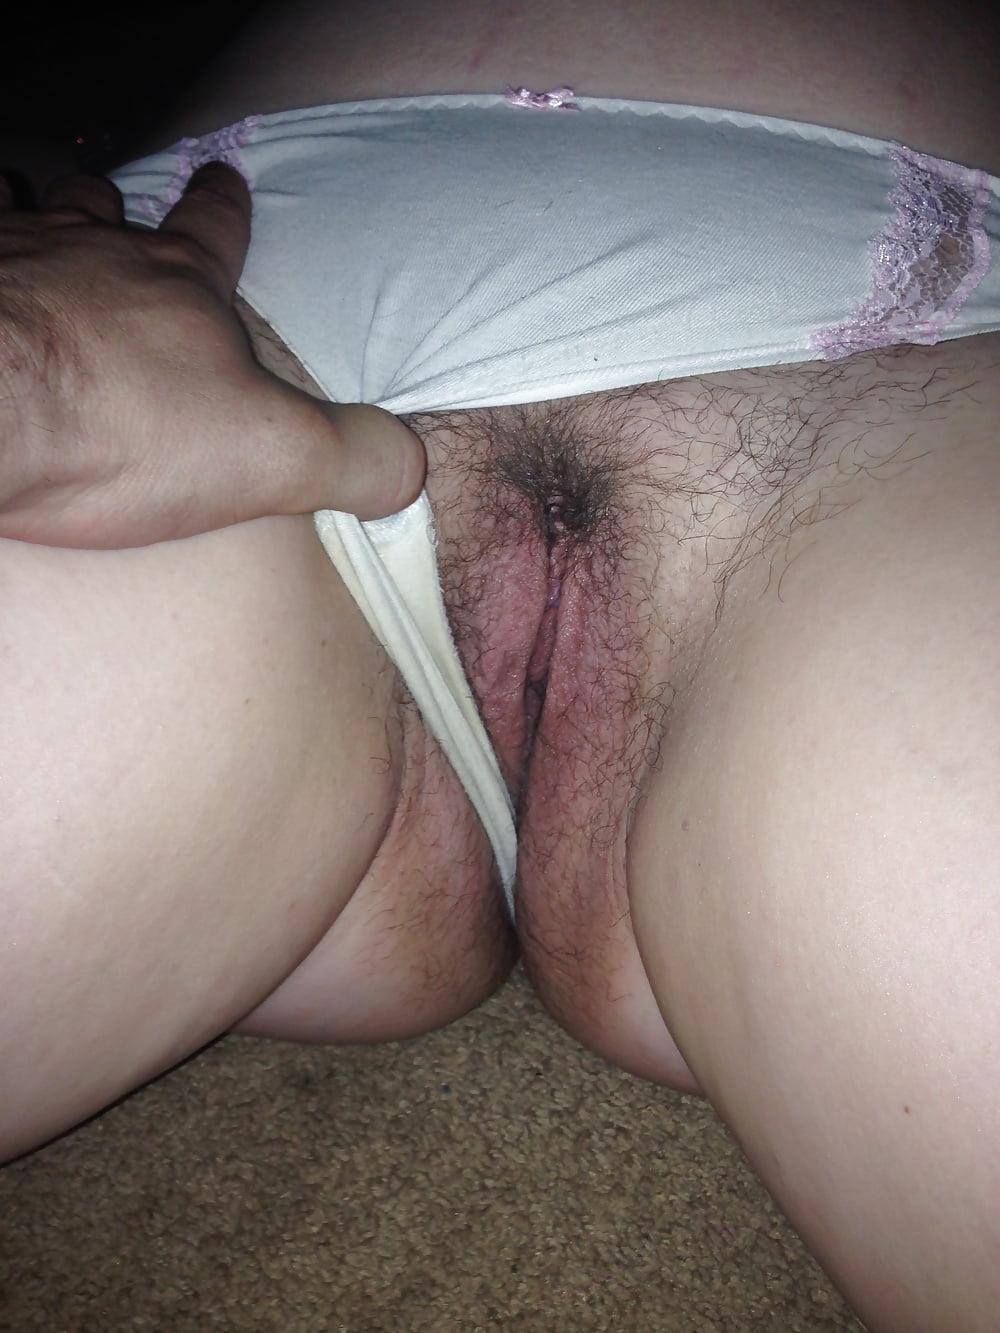 Porn lesbian dirty bbw wife boobs